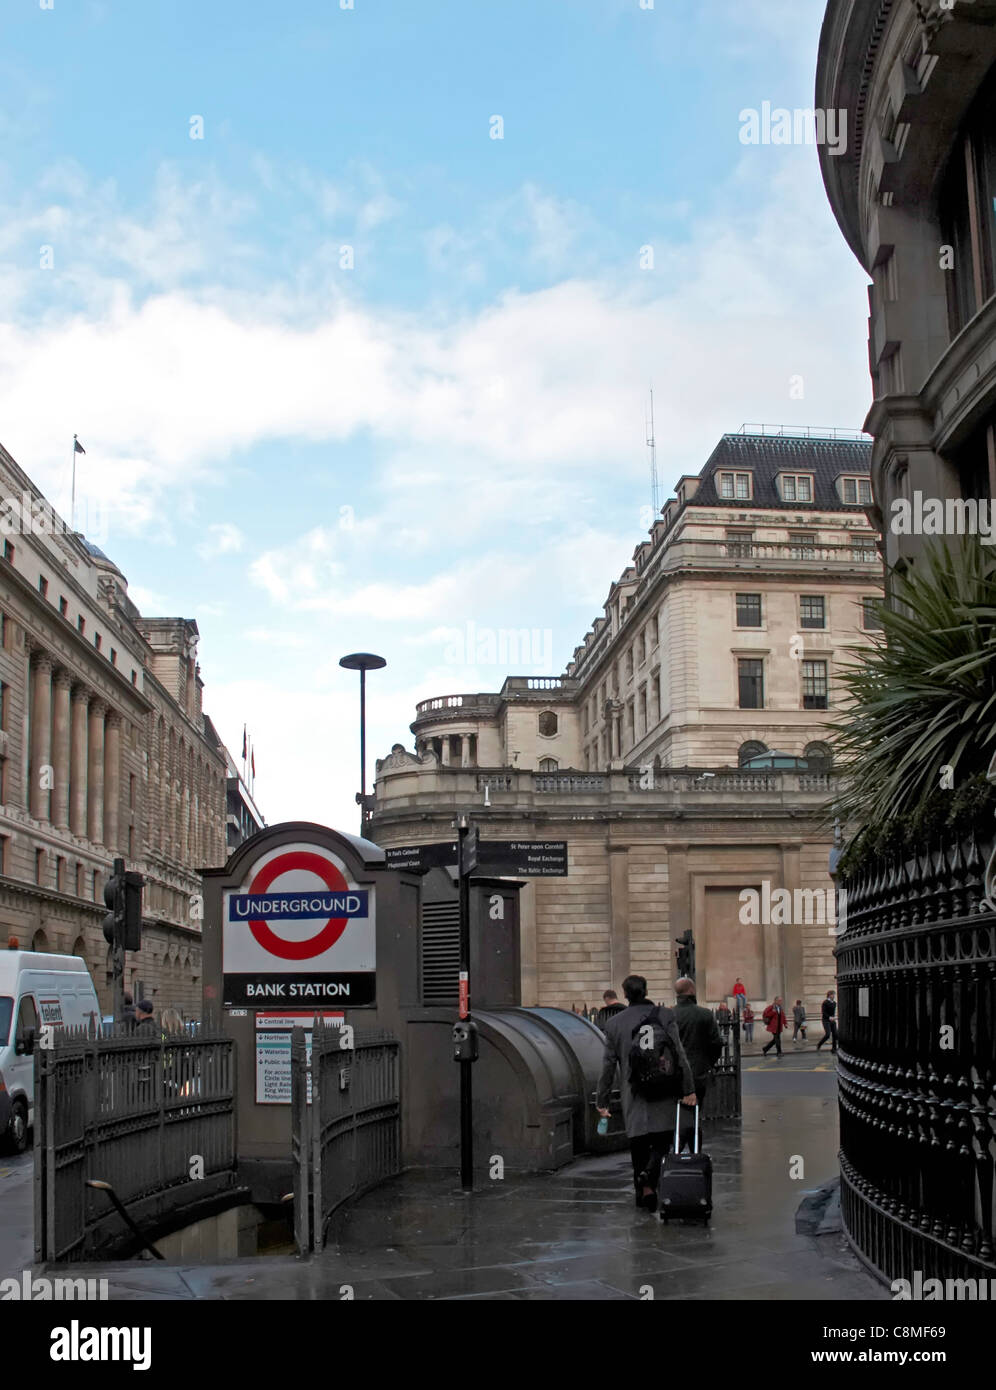 London Bank tube and Bank of England - Stock Image